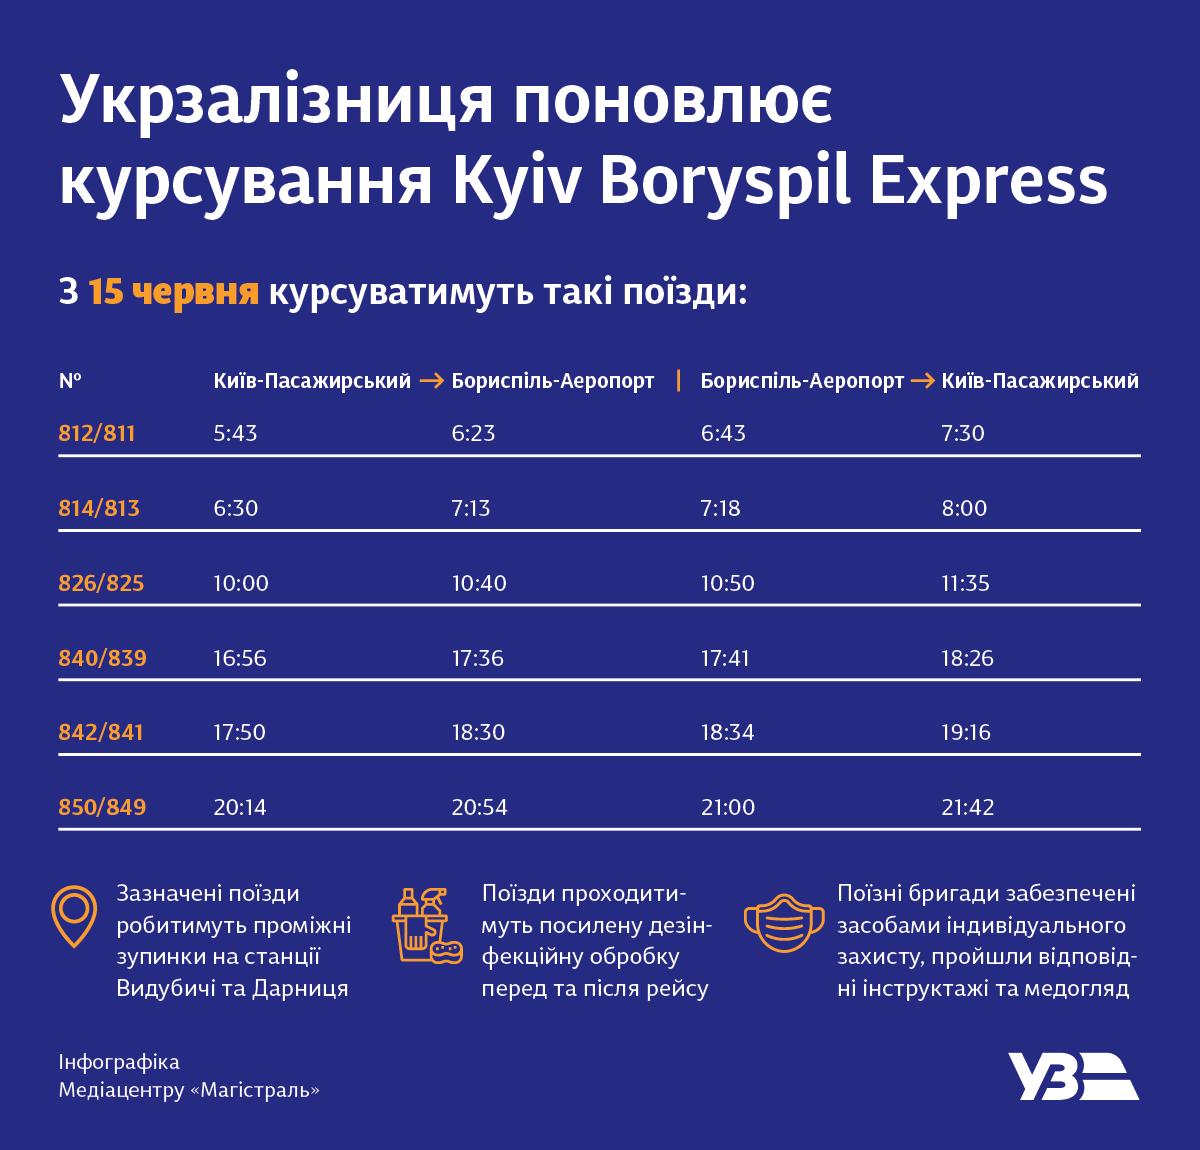 В Киеве восстанавливают курсирование Kyiv Boryspil Express с ЖД в аэропорт